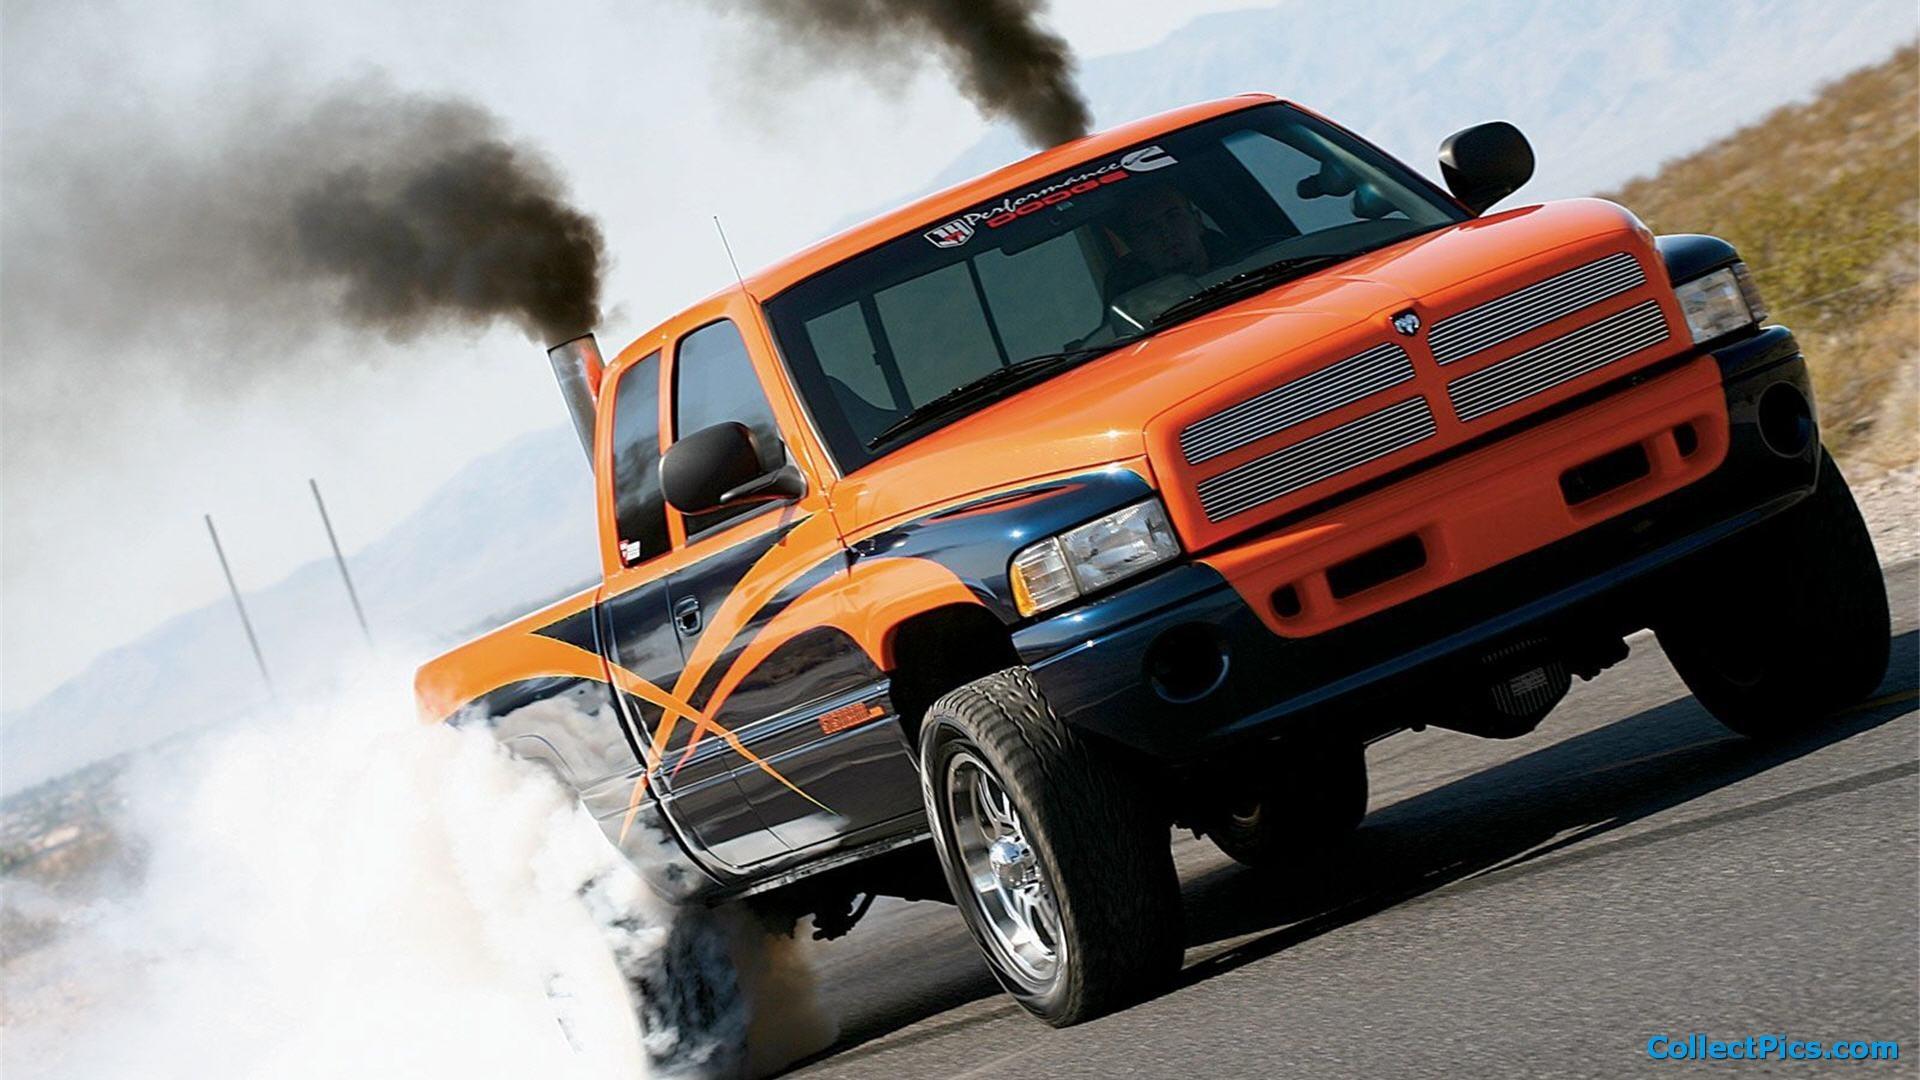 Diesel Truck Smoke Wallpaper